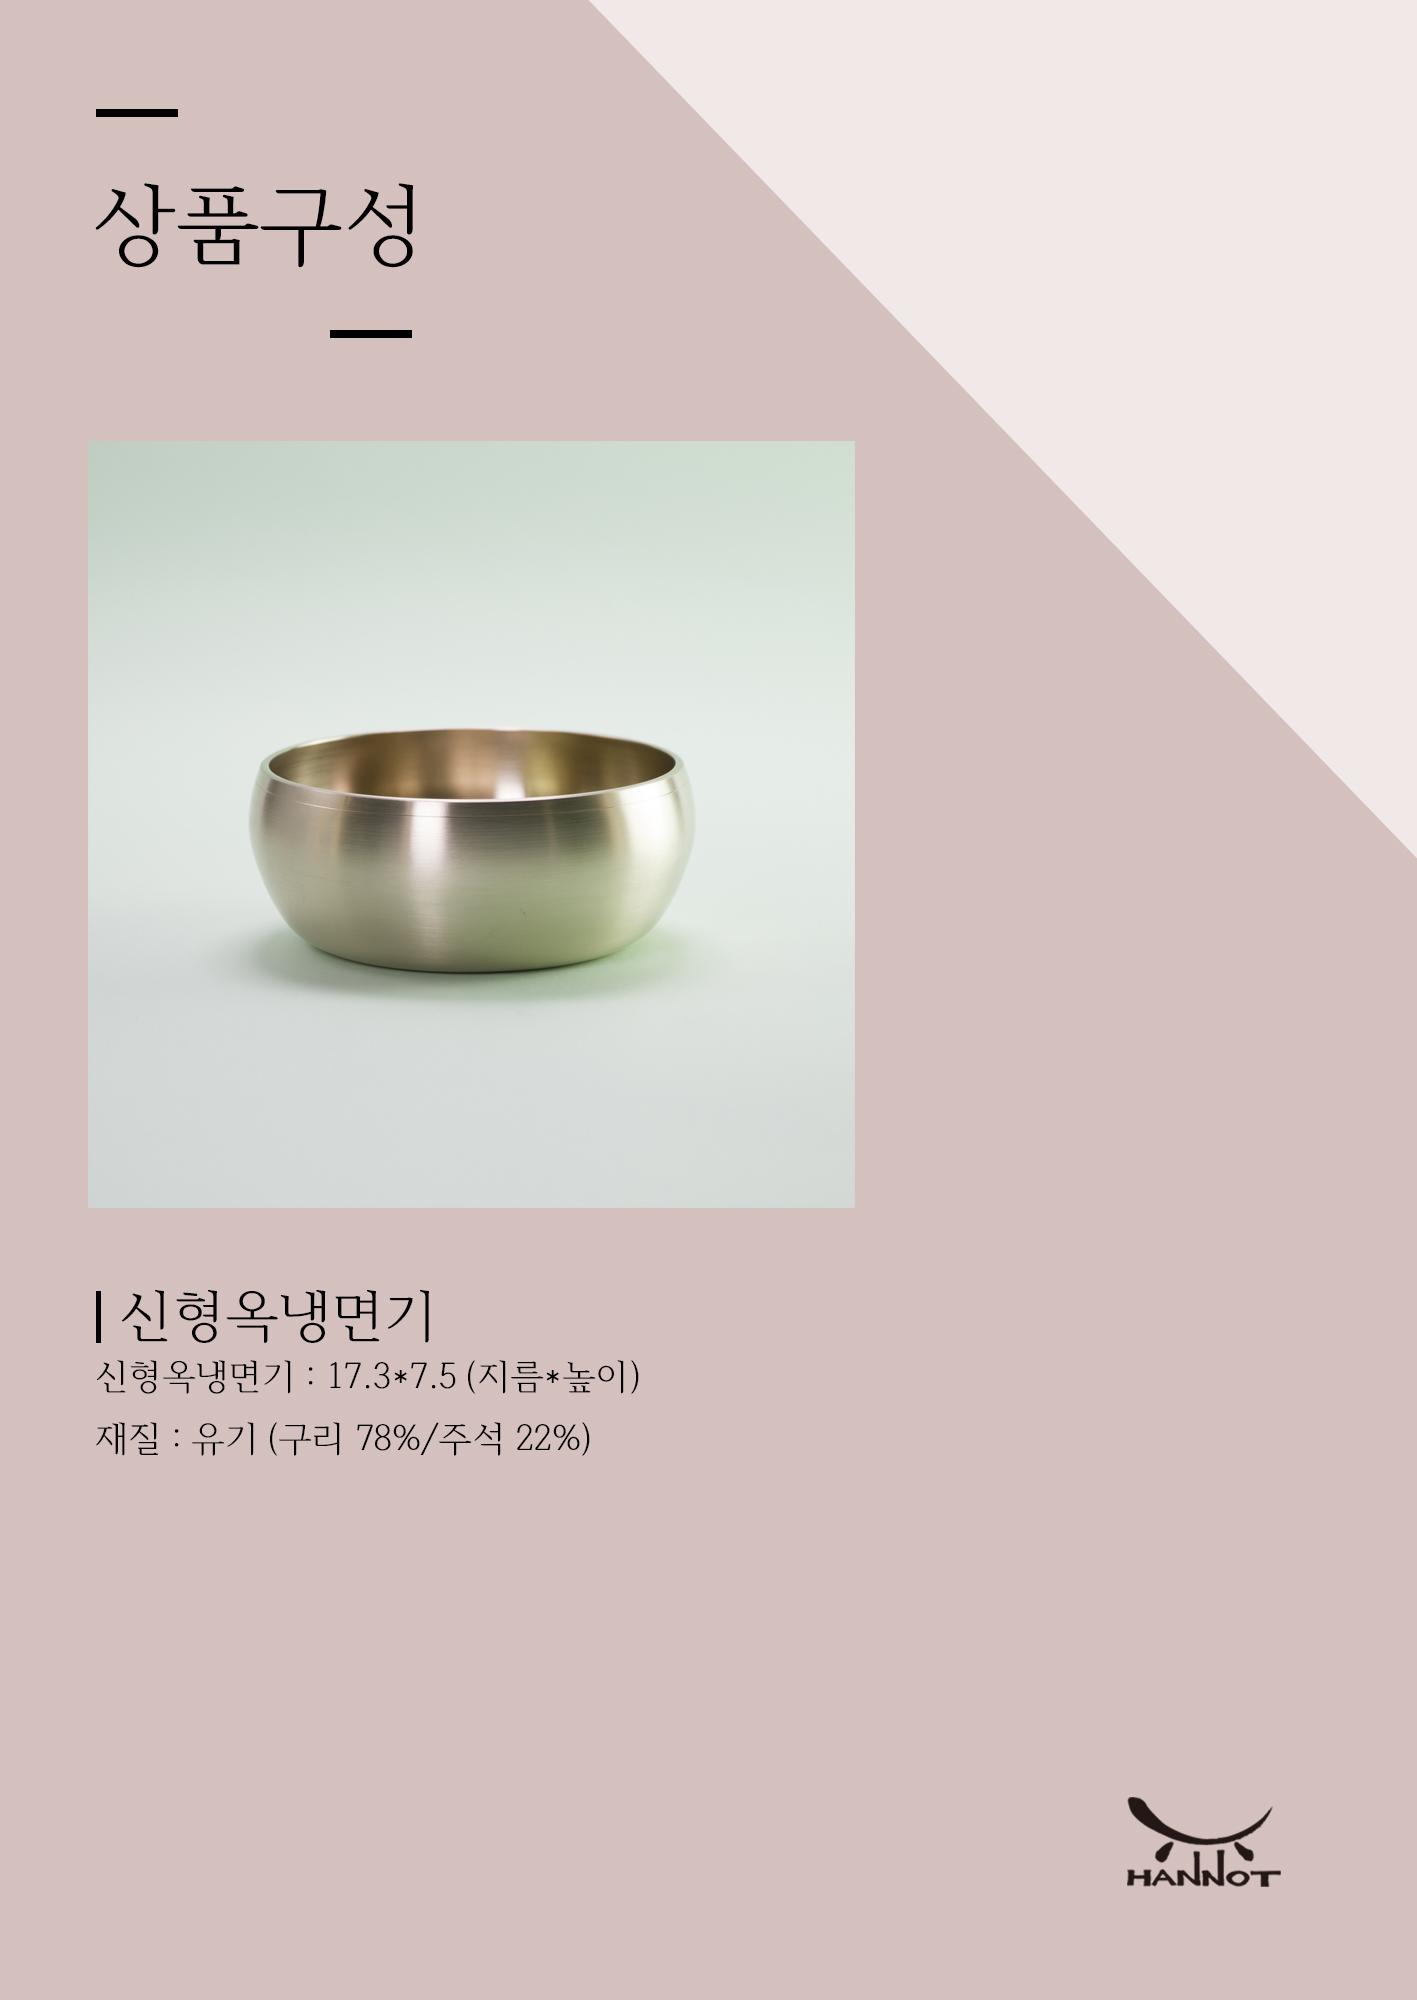 한놋 유기 옥냉면기 유기그릇 놋그릇. - 한놋, 95,000원, 파스타/면기/스프, 면기